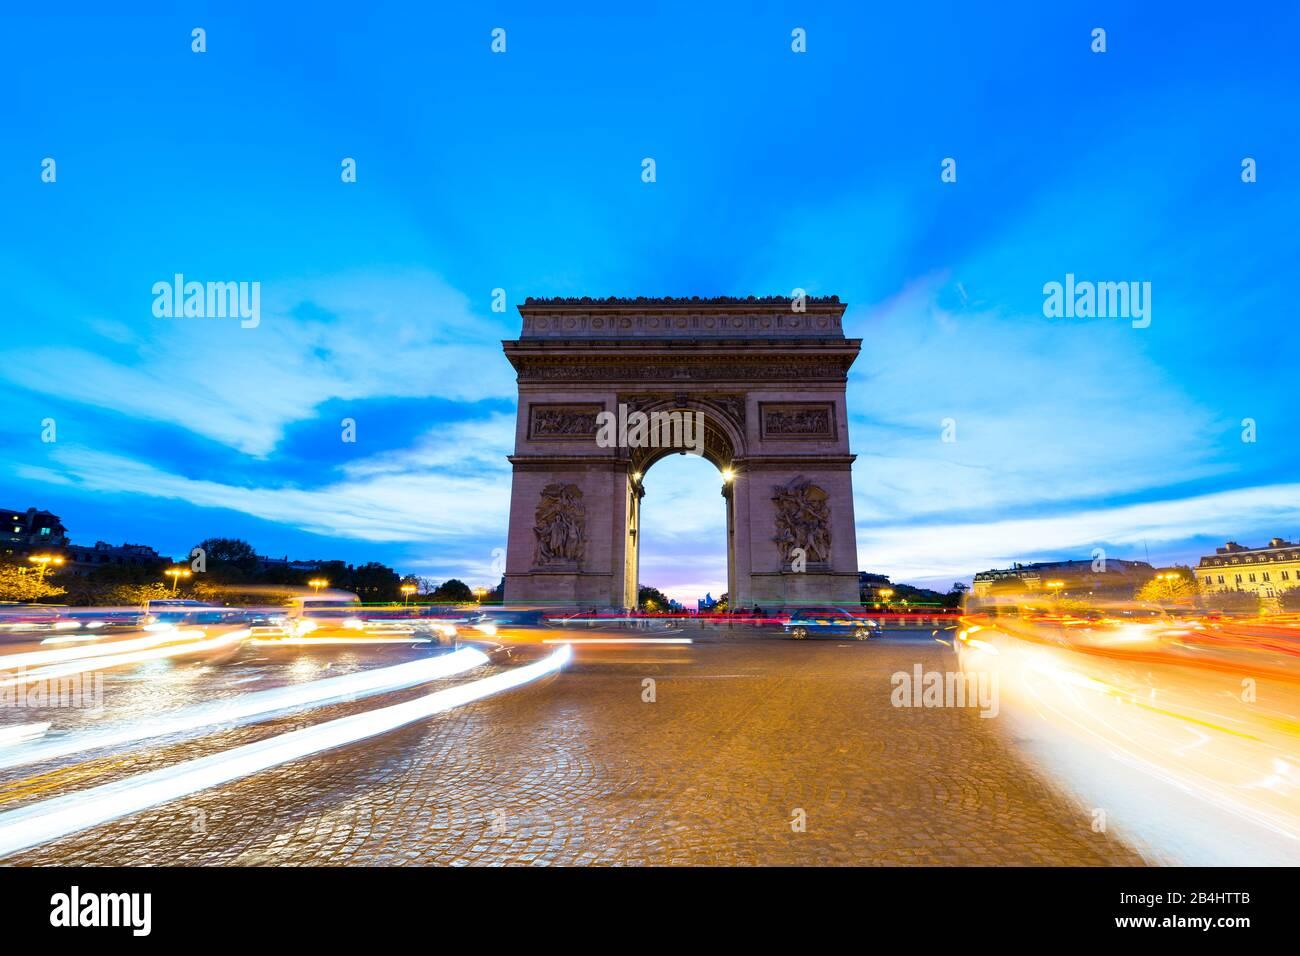 fahrende Autos auf der Place Charles de Gaulle und der Triumpfbogen bei Abenddämmerung, Paris, Frankreich, Europa Stock Photo